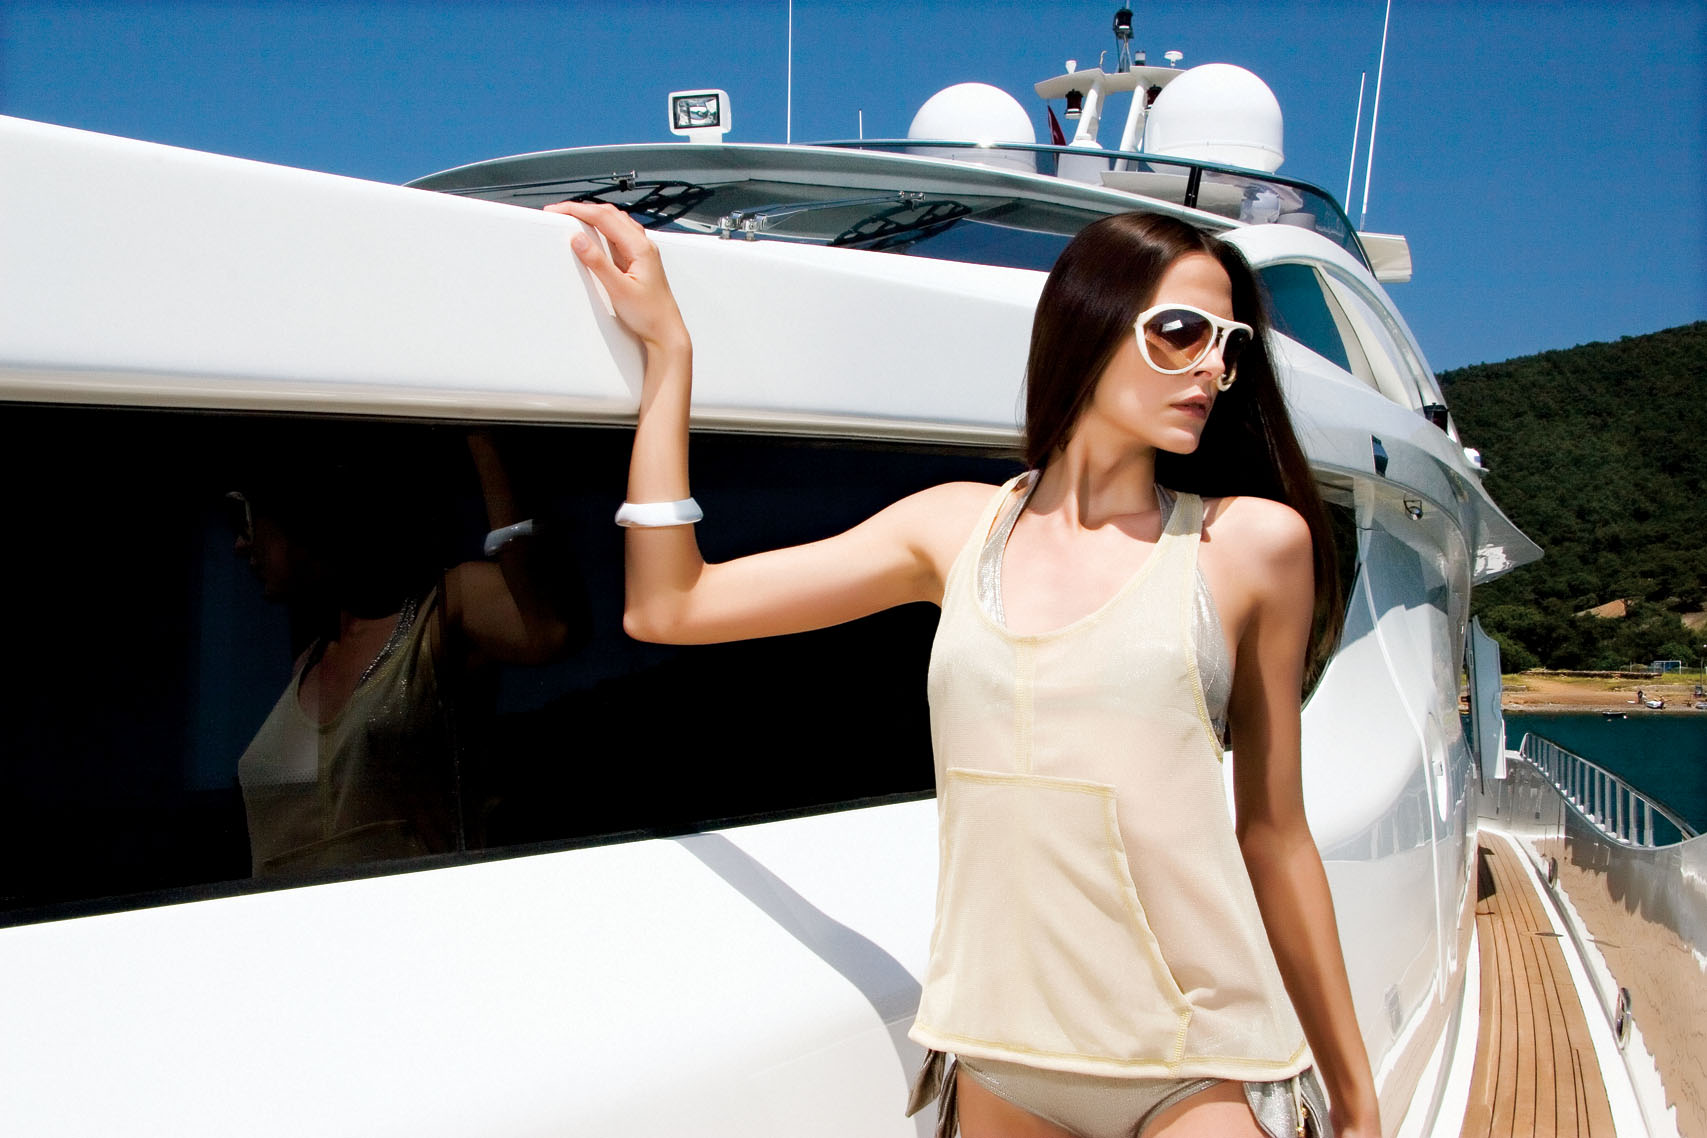 Numarine Mega Yacht 102 RPH Exterior Yacht Charter